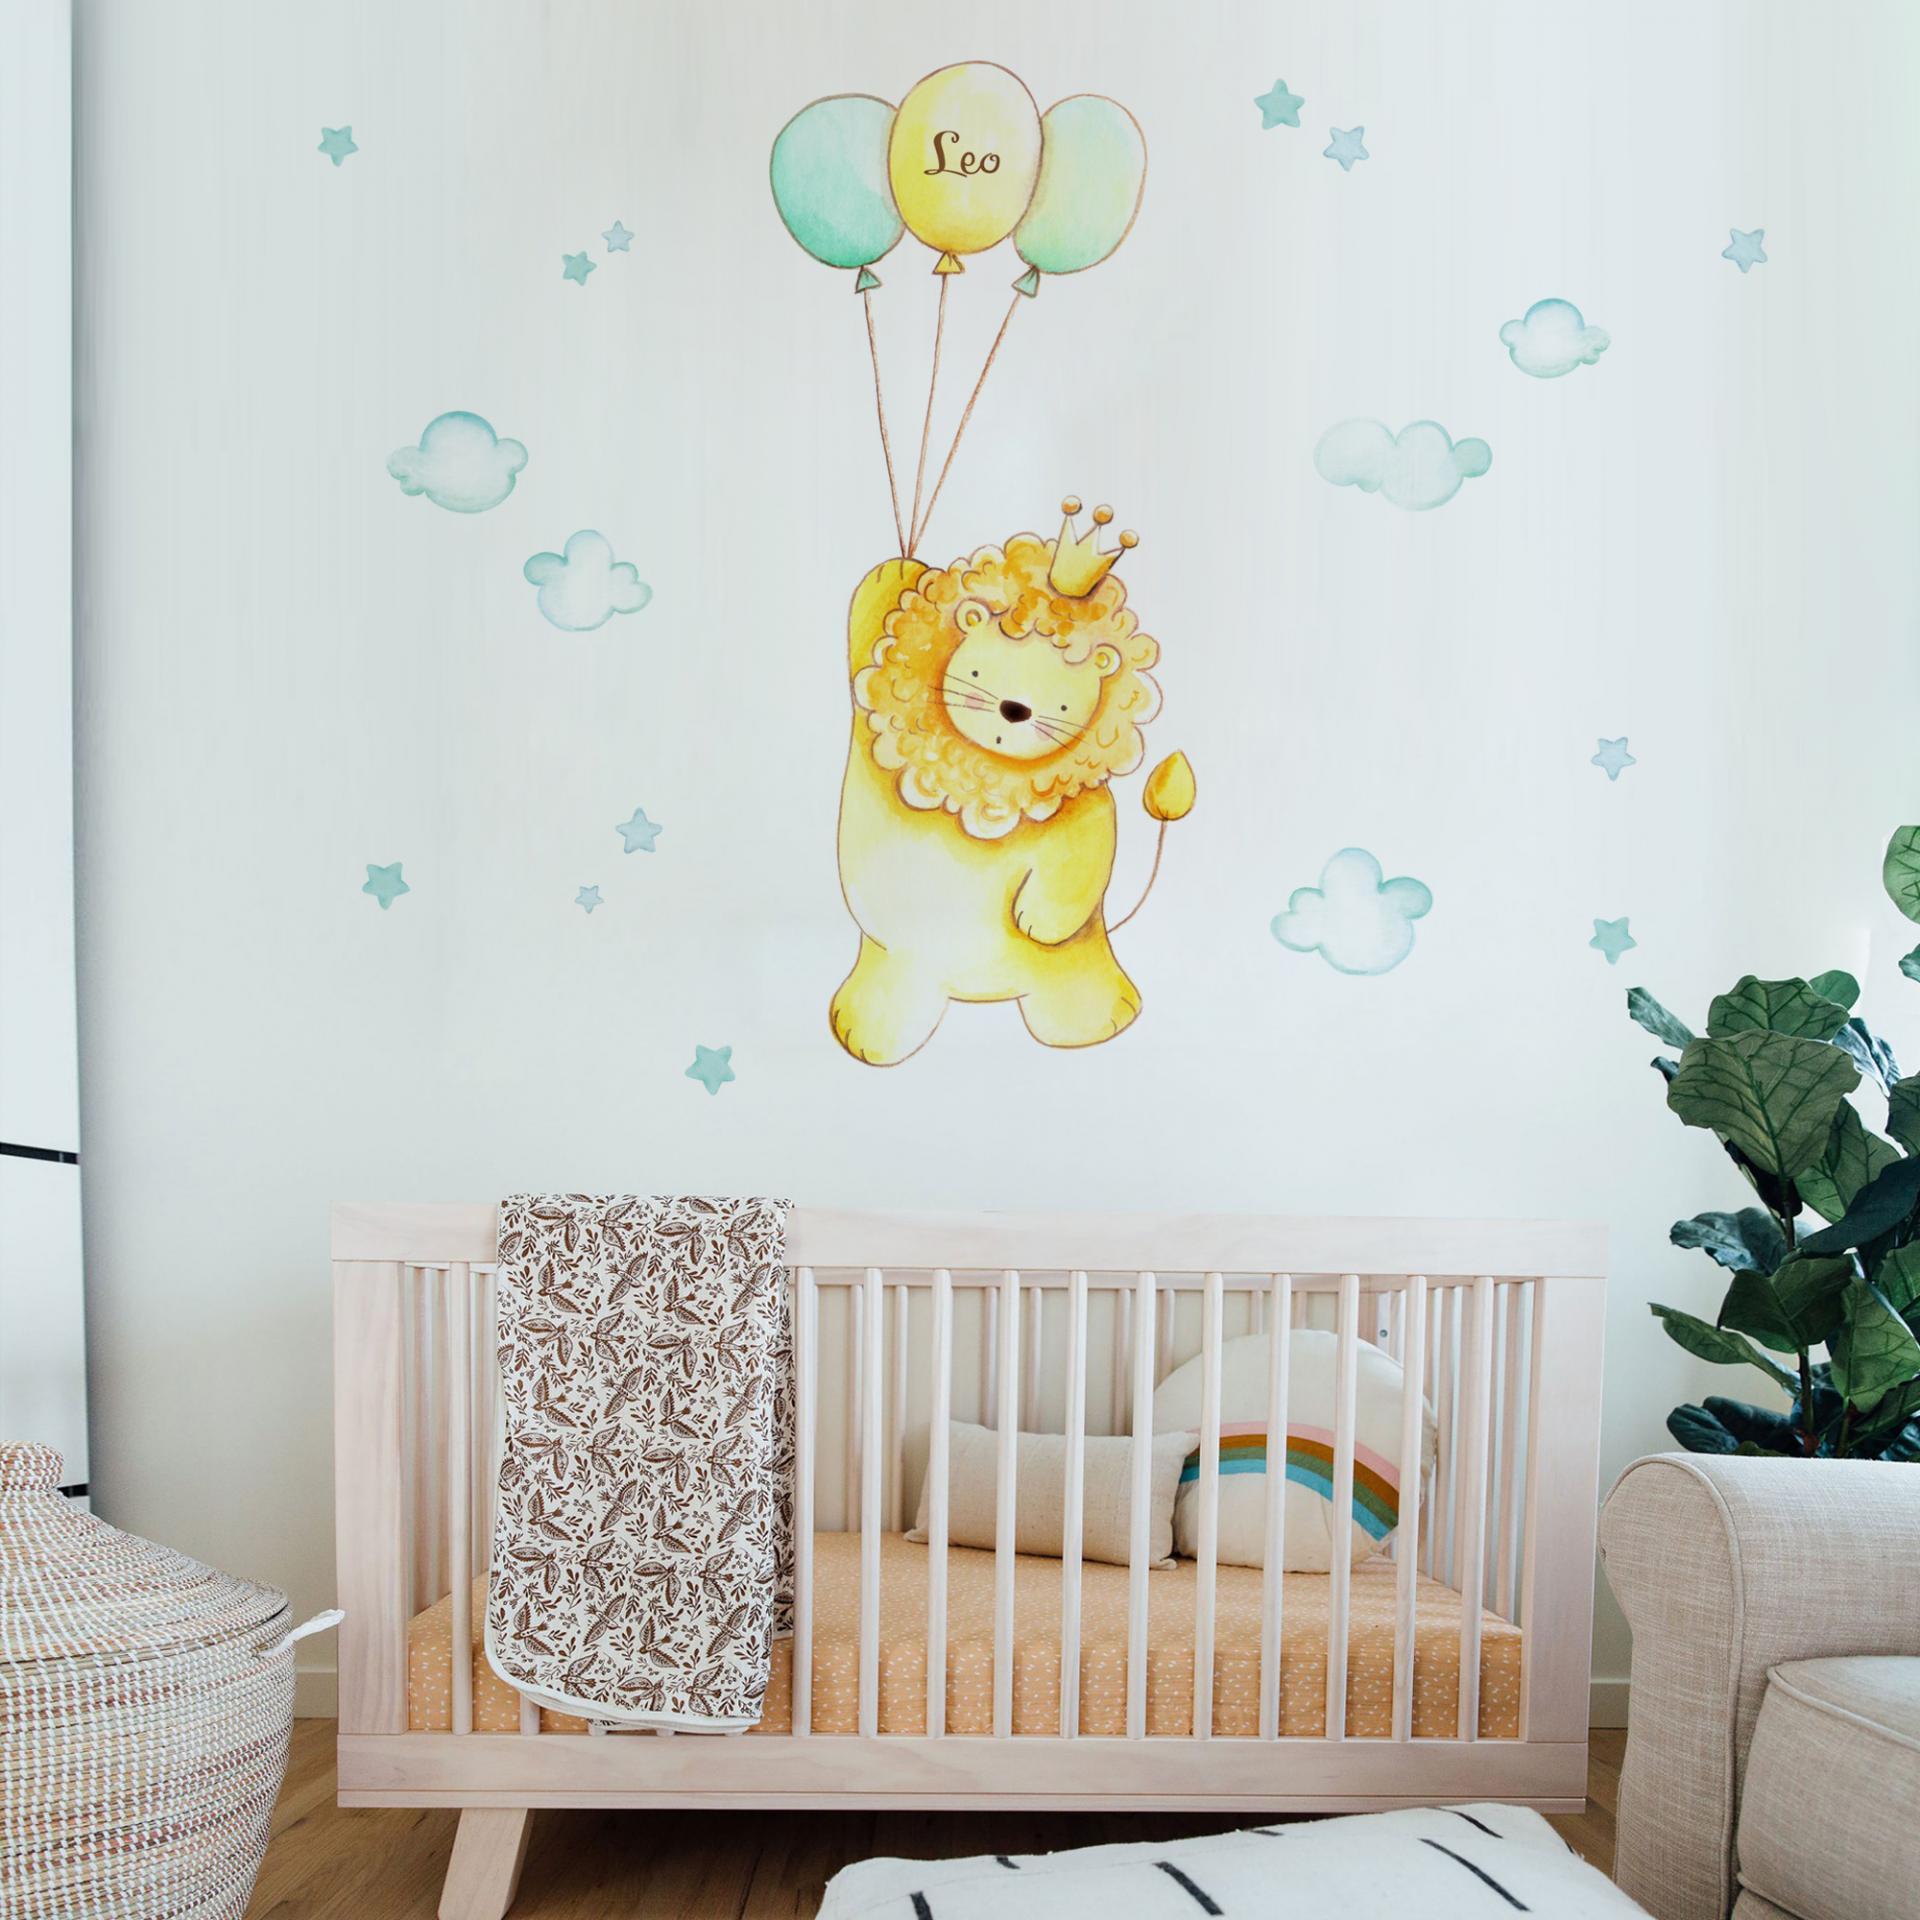 VINILO INFANTIL: León con globos mint